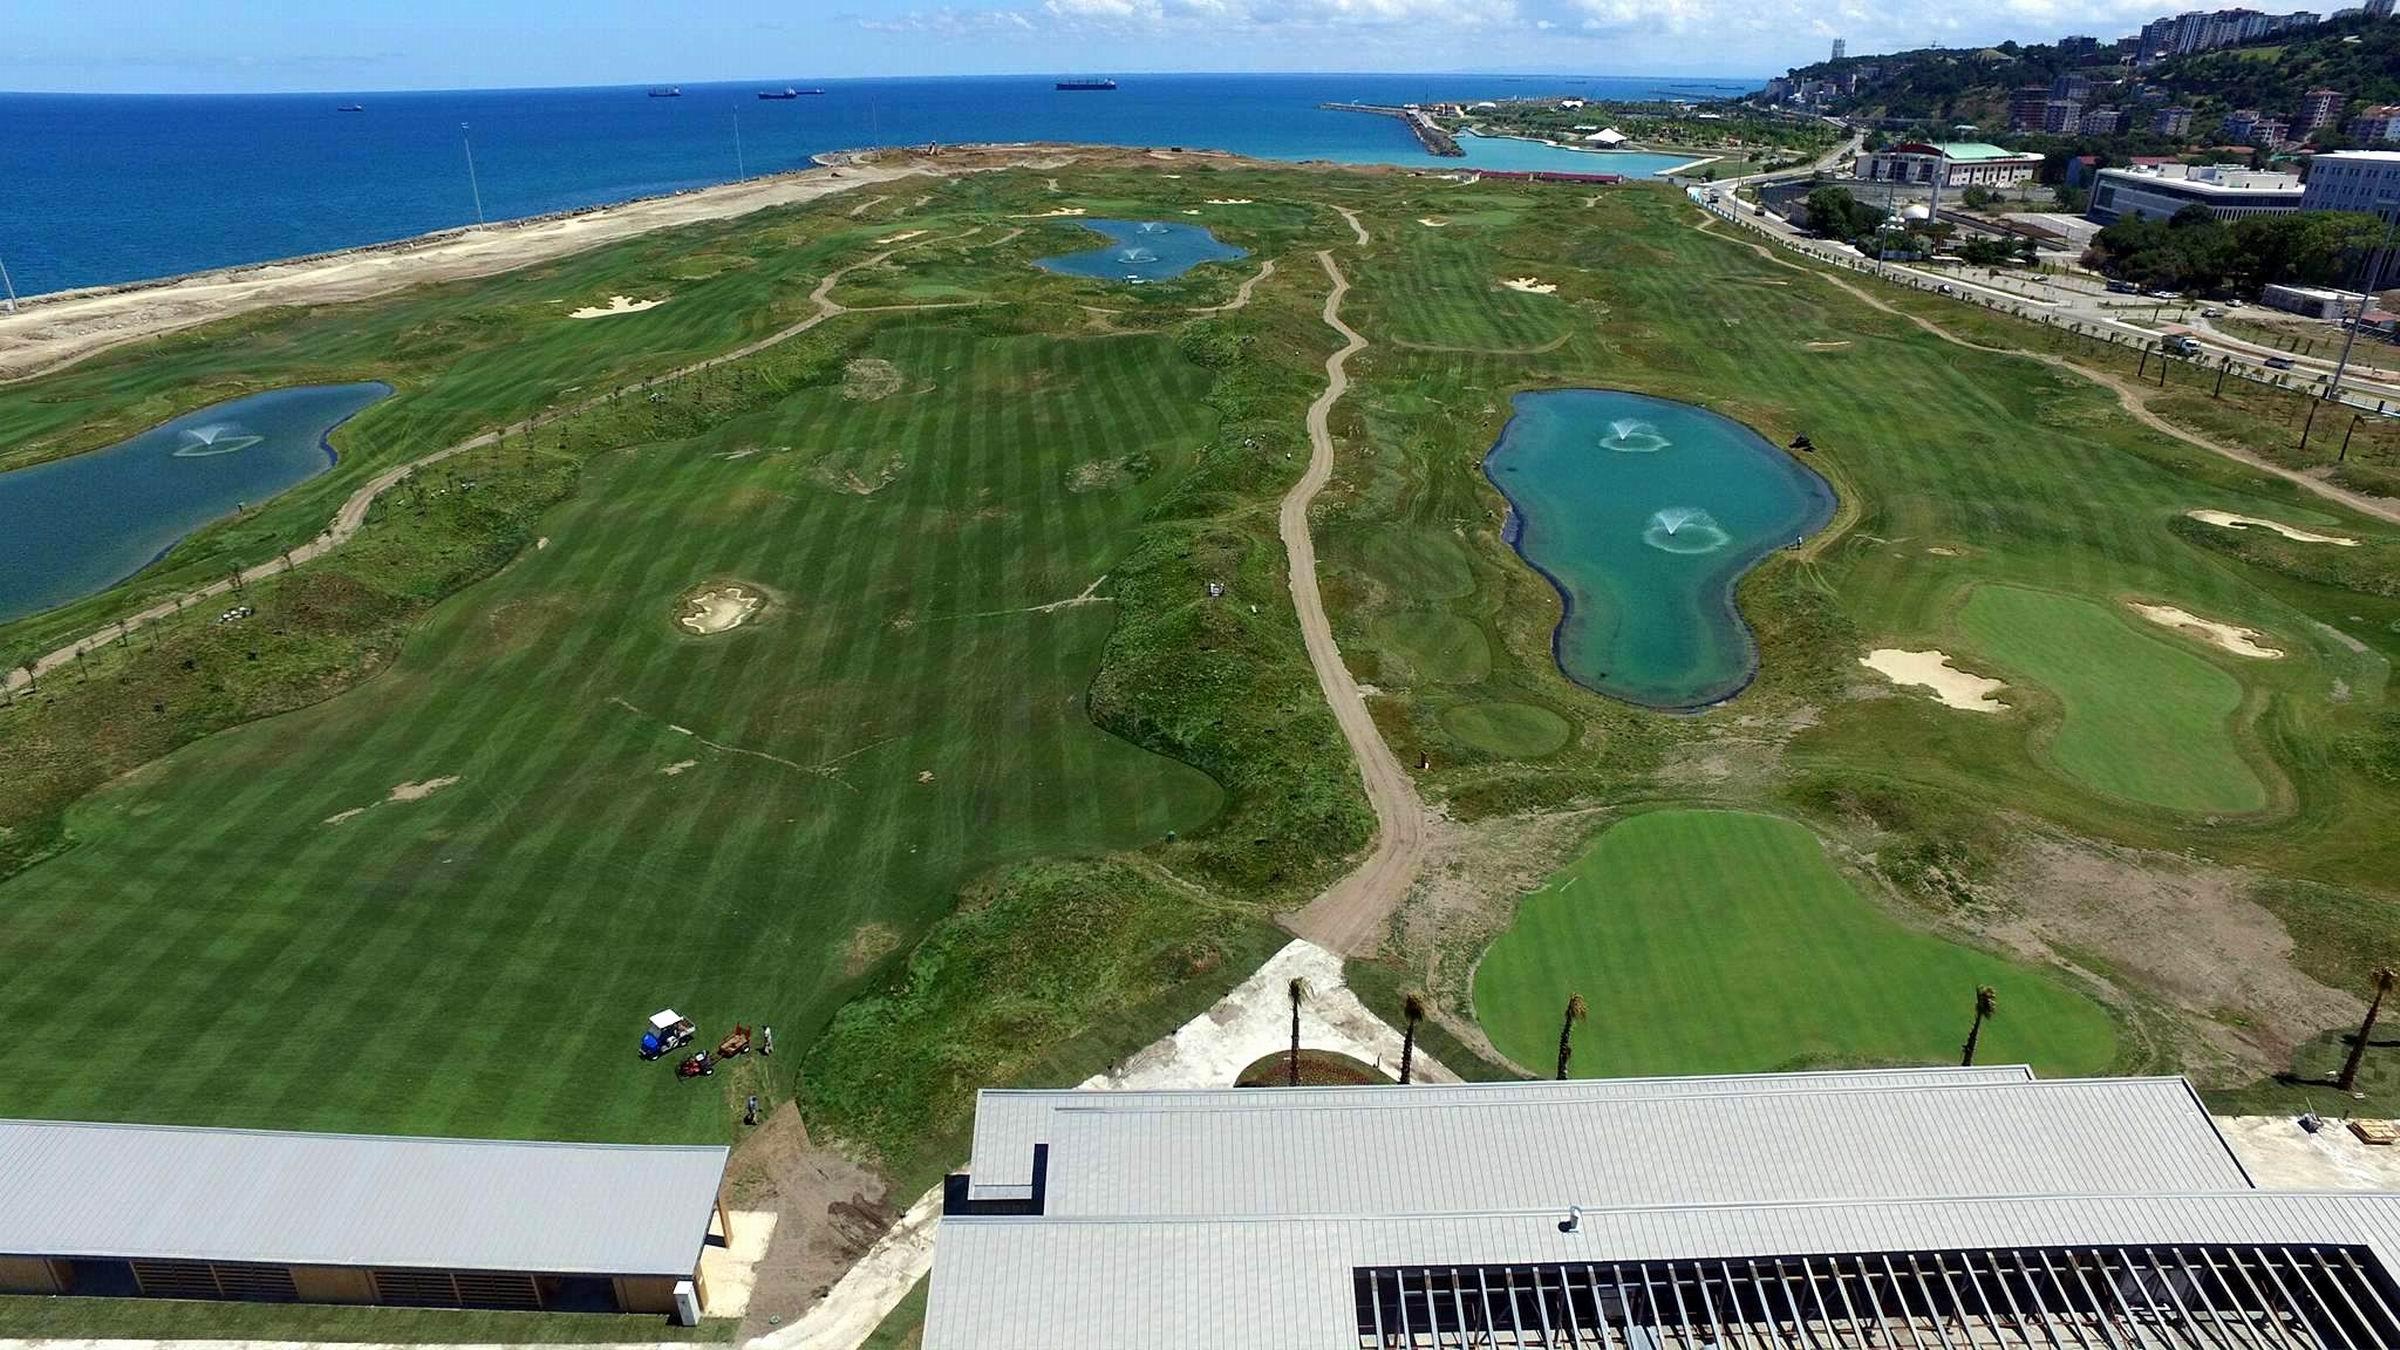 Türkiye Golf Turu'nun 8. ayağı Samsun'da yapıldı